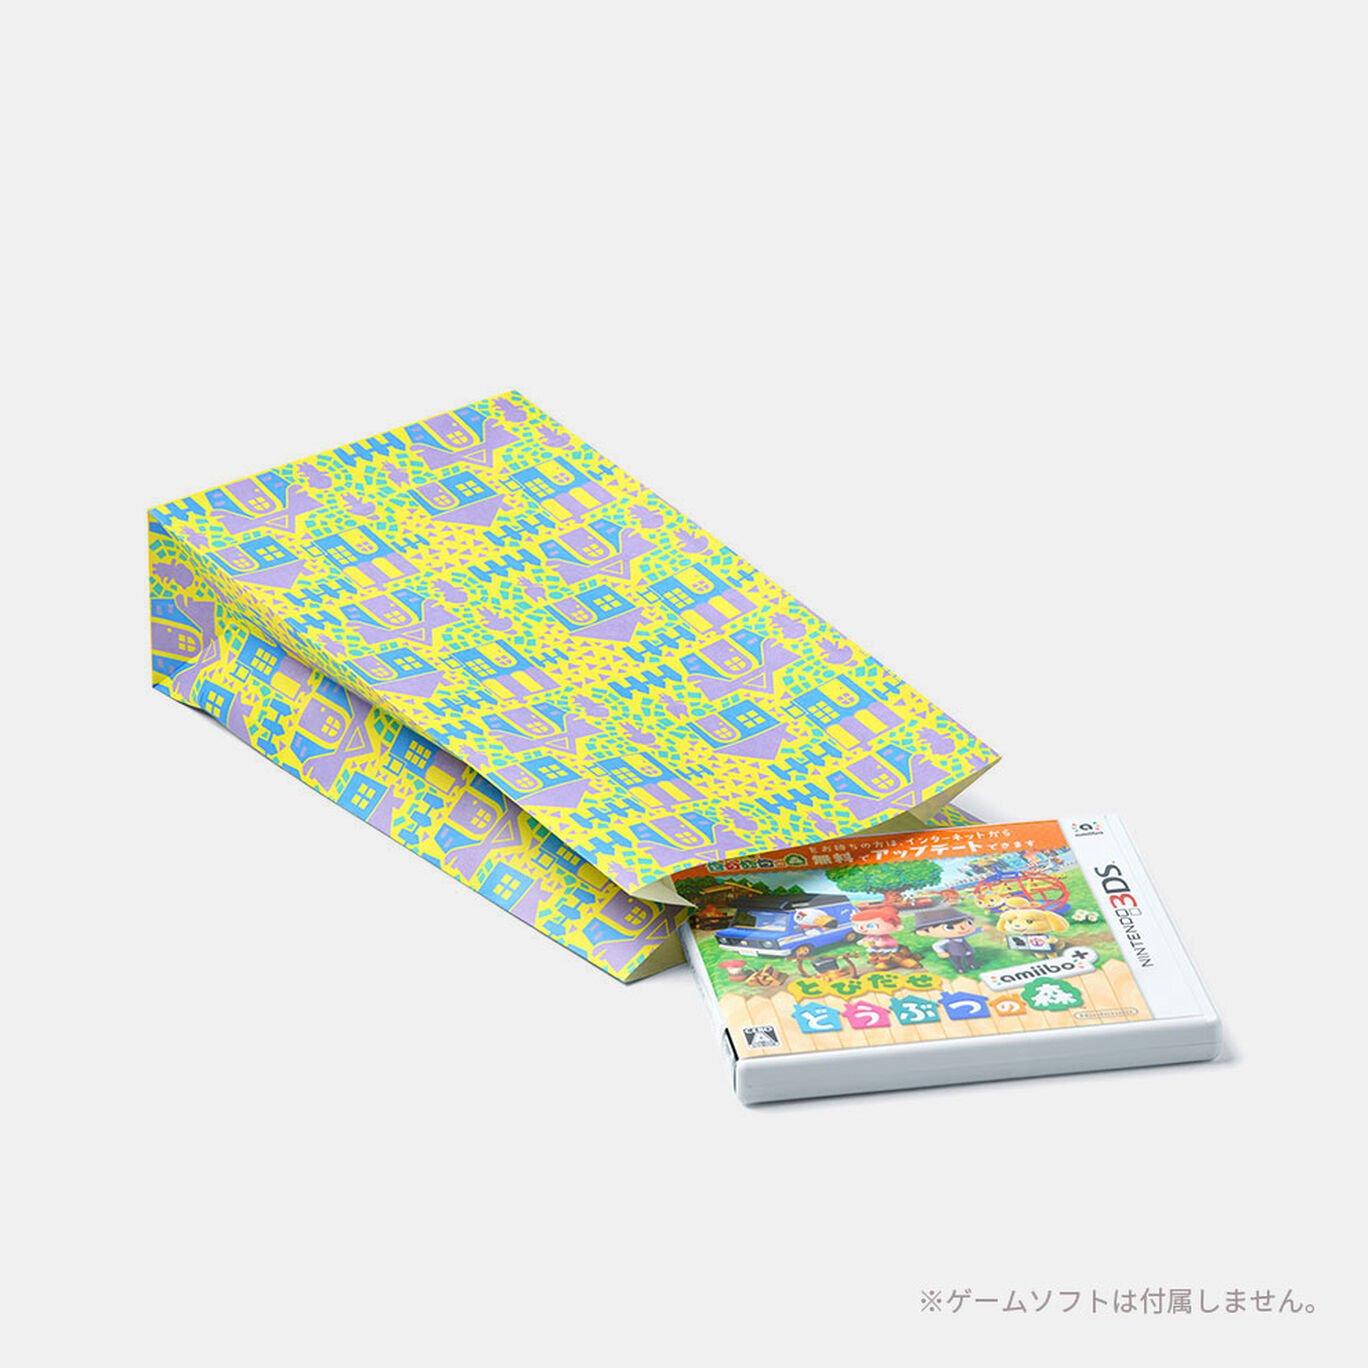 どうぶつの森 ギフト用ペーパーバッグ(4種)